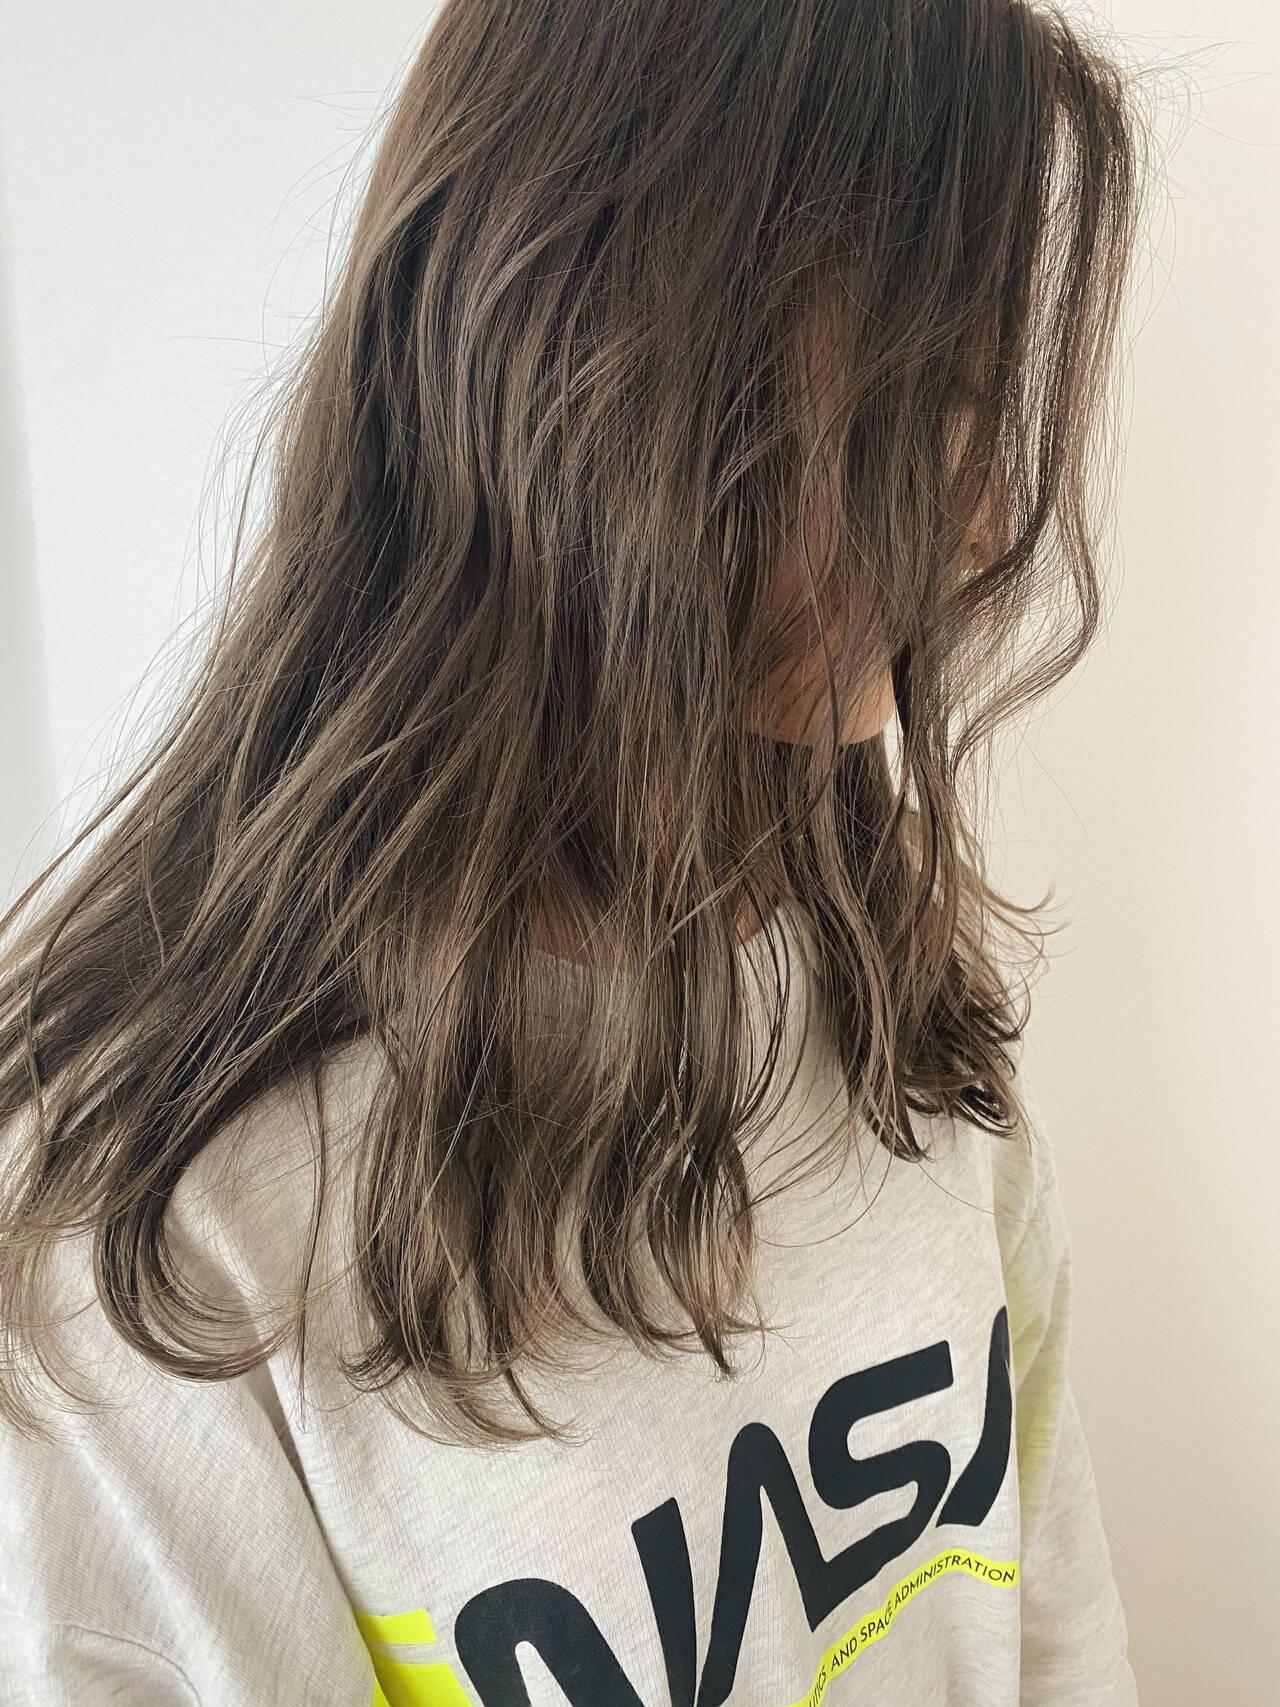 セミロング グレージュ ストリート ブリーチオンカラーヘアスタイルや髪型の写真・画像